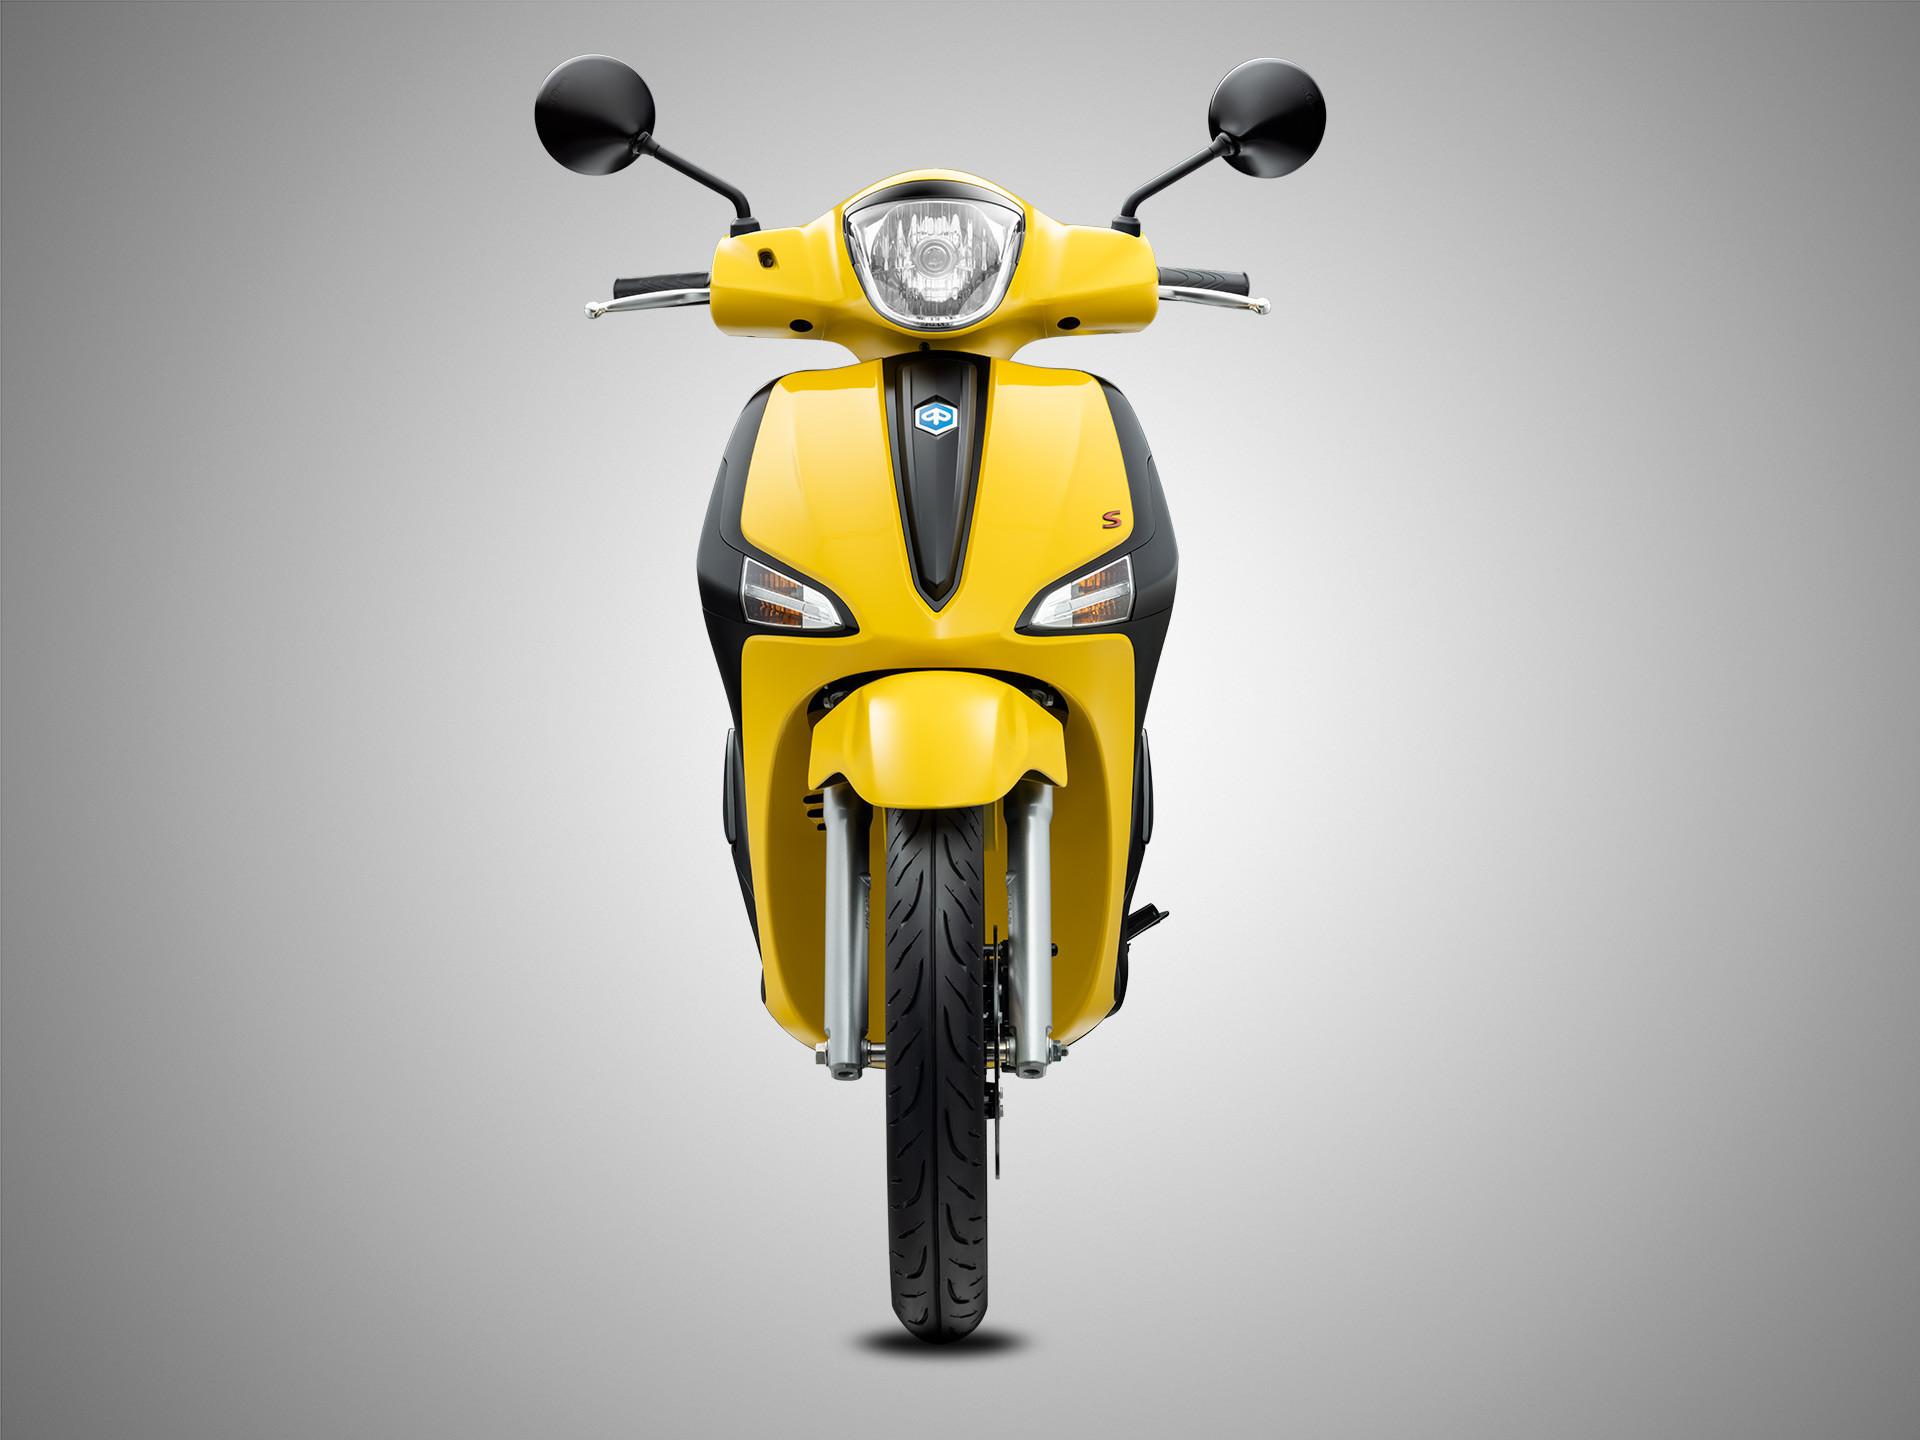 Màu Vàng Yellow Sole cho dòng xe Piaggio Liberty S 125